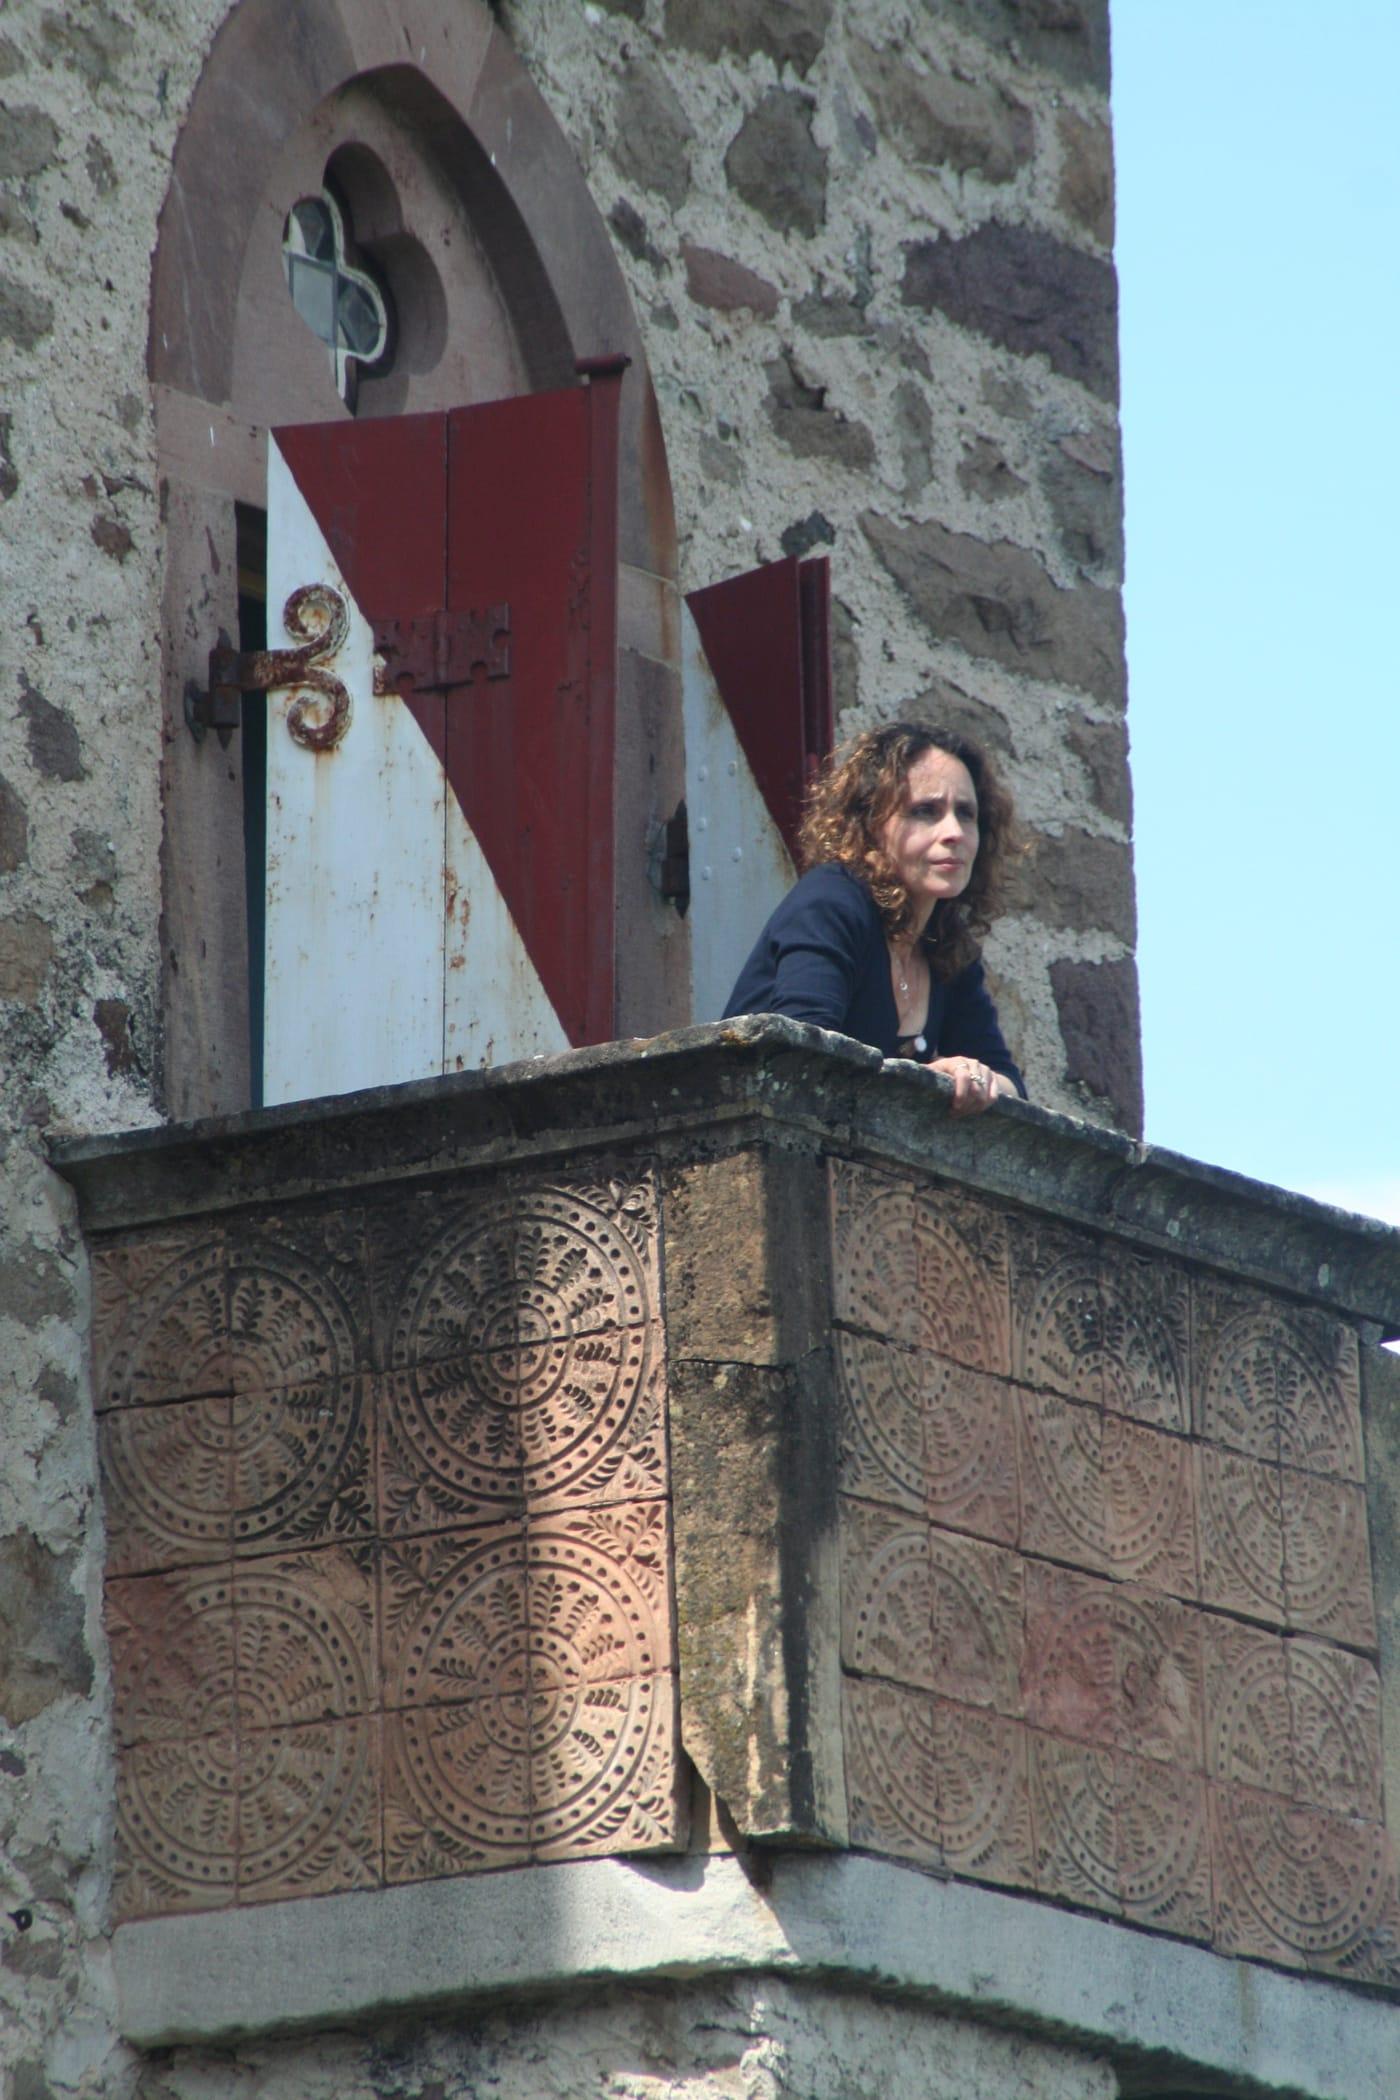 Op het balkon van de toren bij de blauwe kamer van Albert (Béla) Eperjesy, Wehrburg 2012.